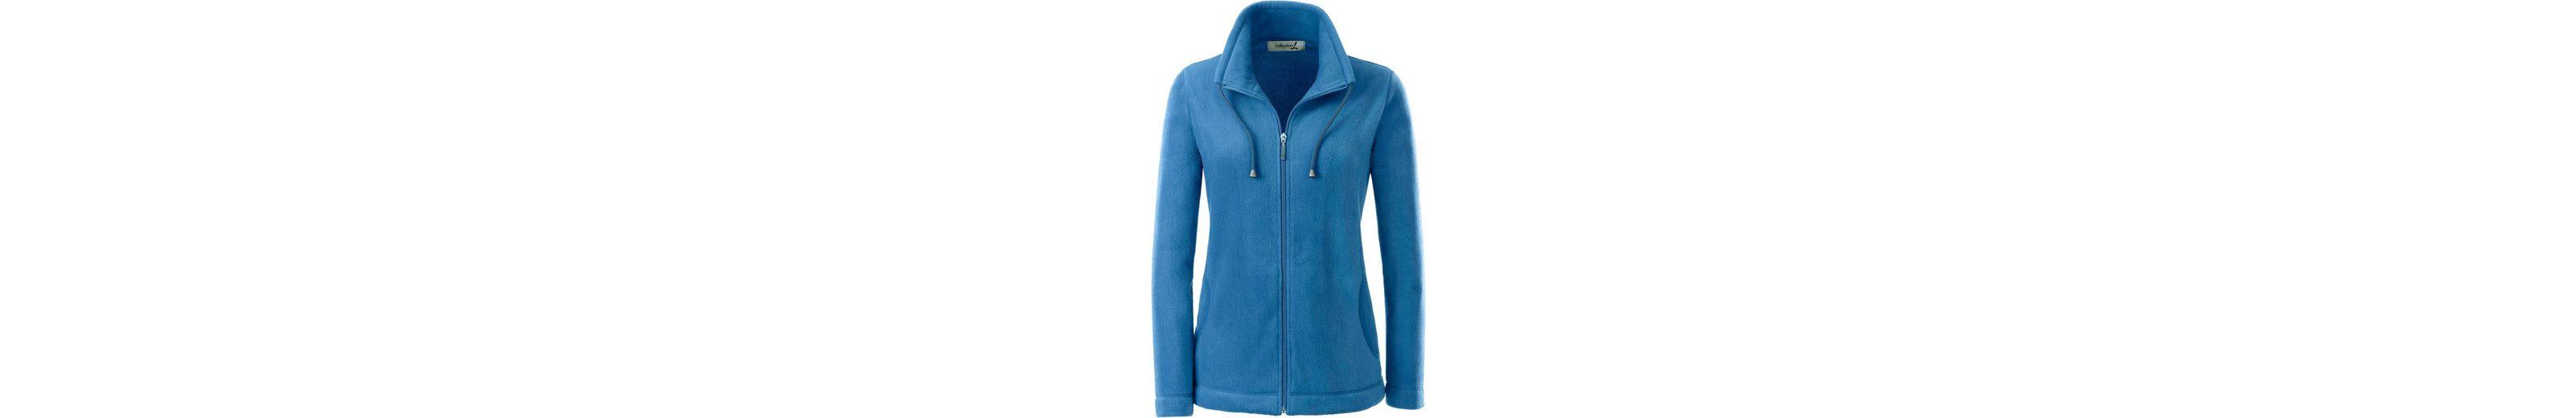 Collection L. Fleece-Jacke mit Antipilling-Ausrüstung Günstig Kaufen JVylhuVw0